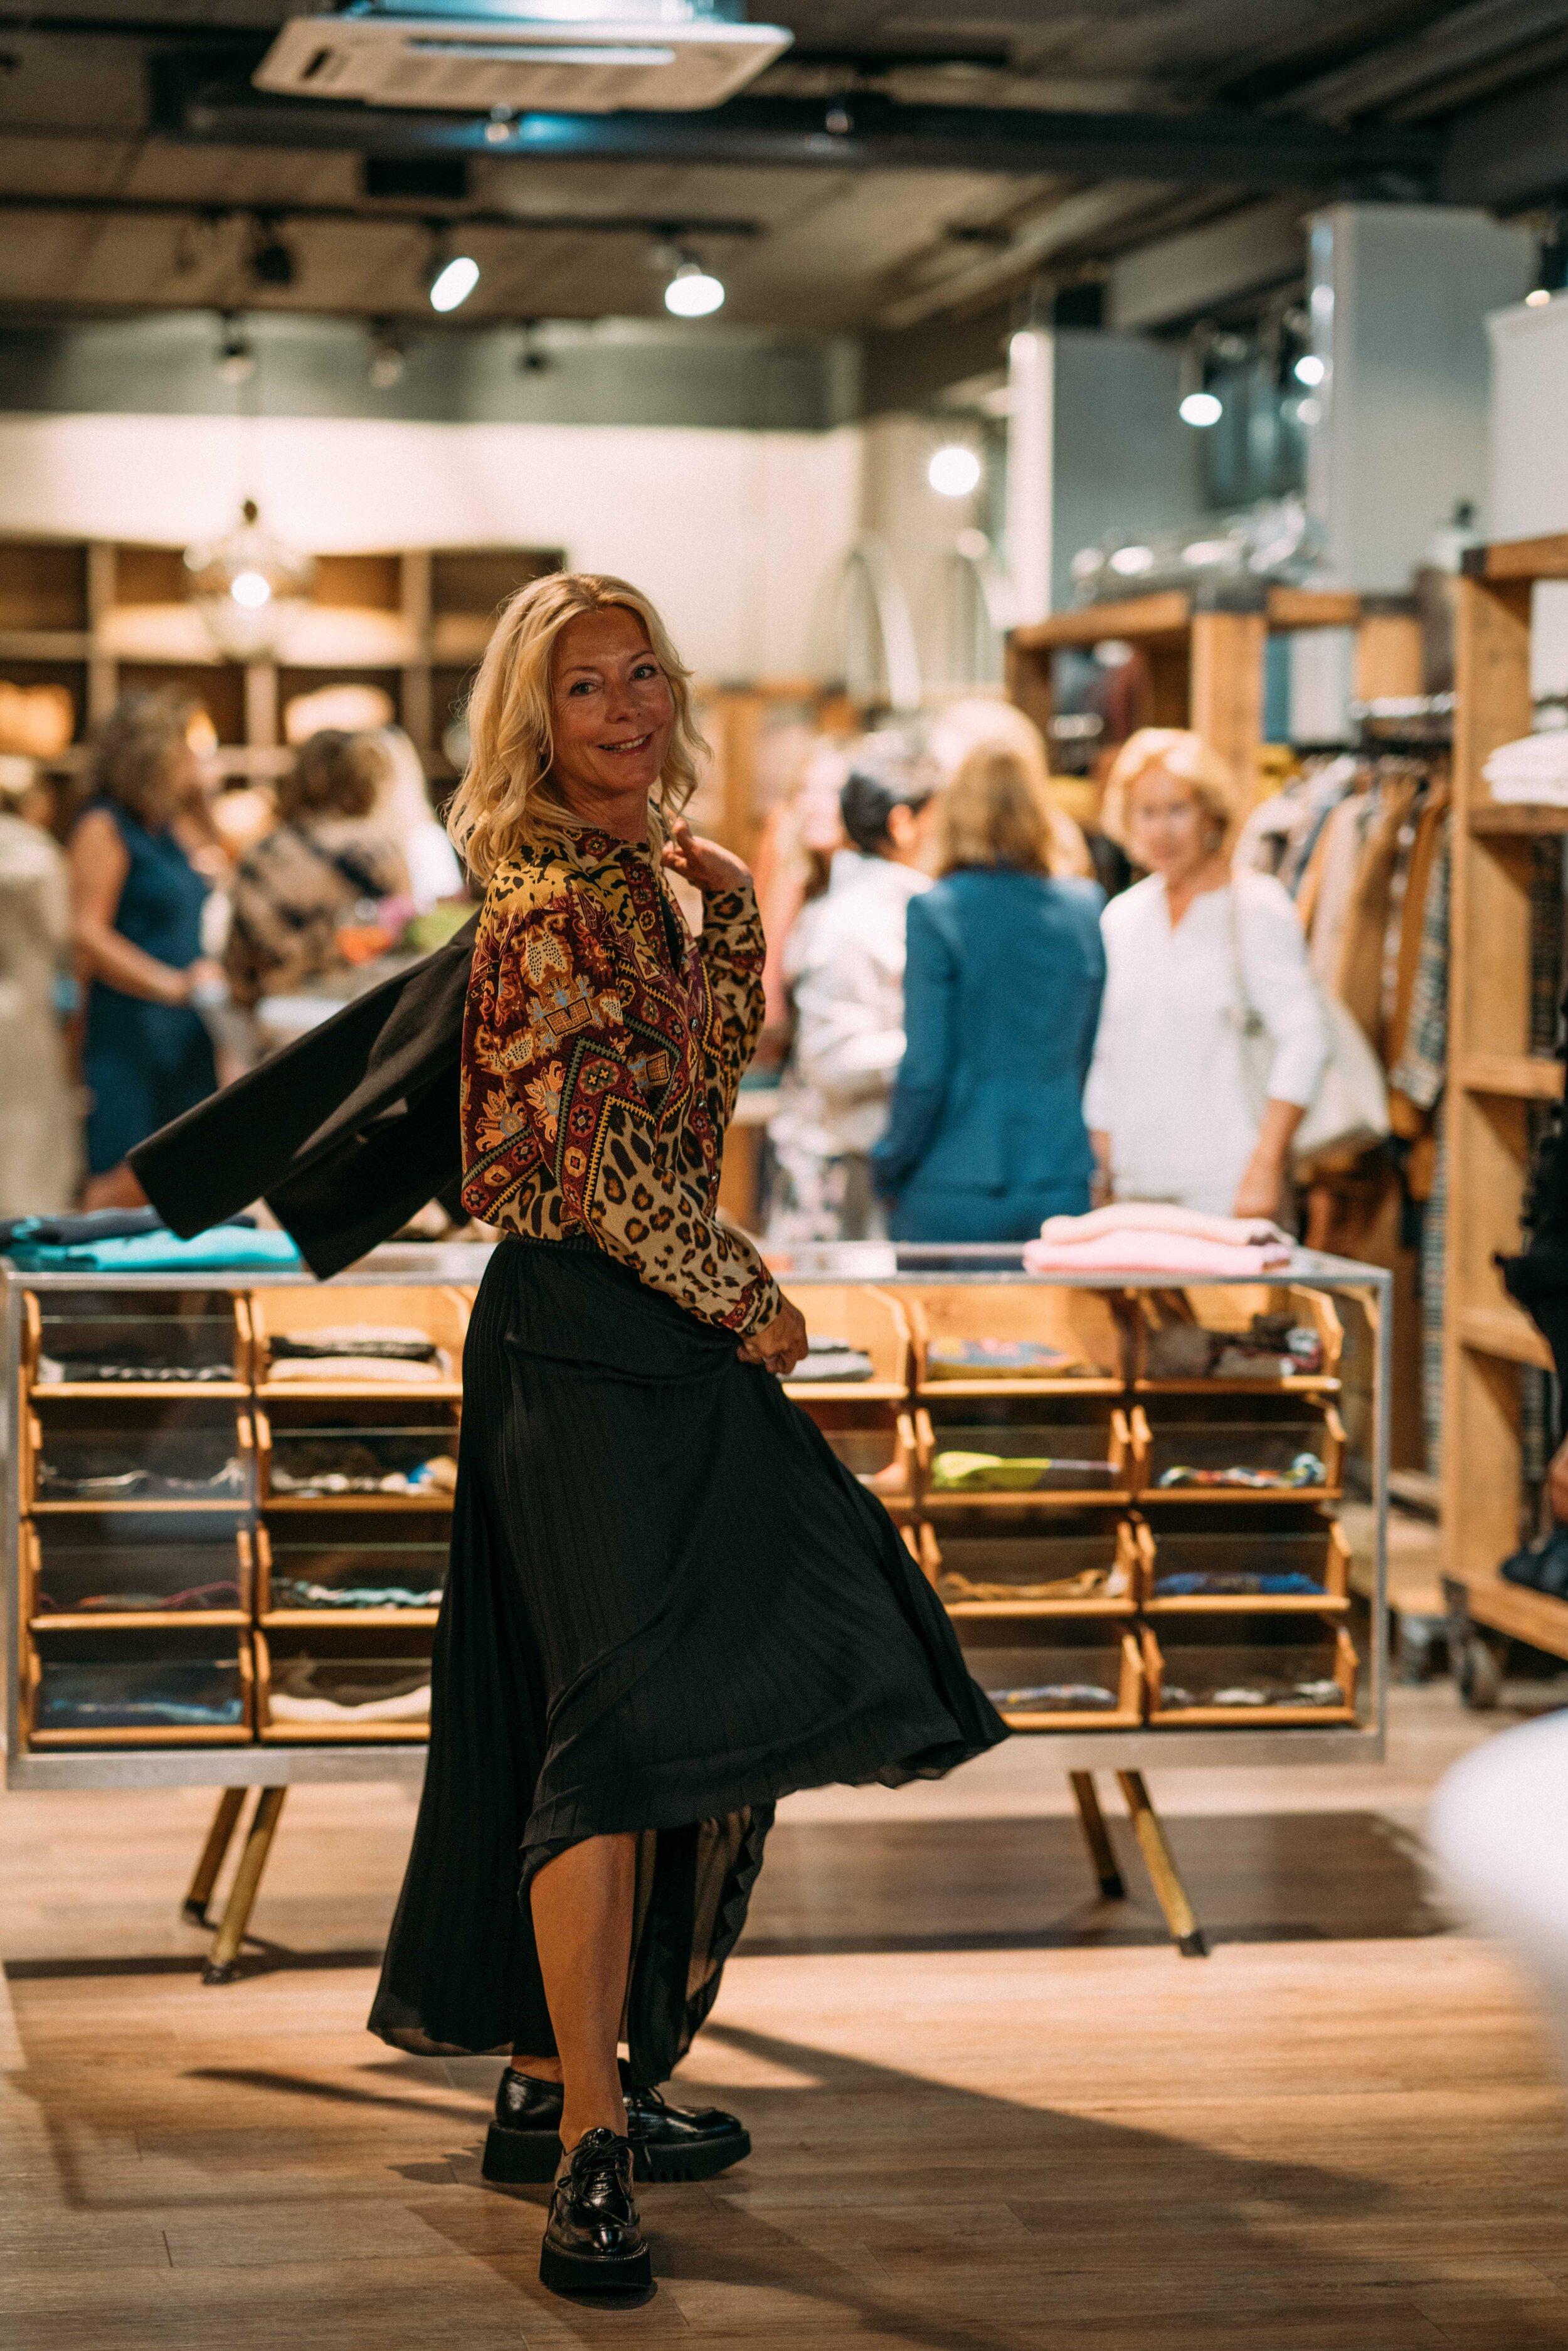 GraubnerConcept_FashionCocktail_Herbst19_35.jpg